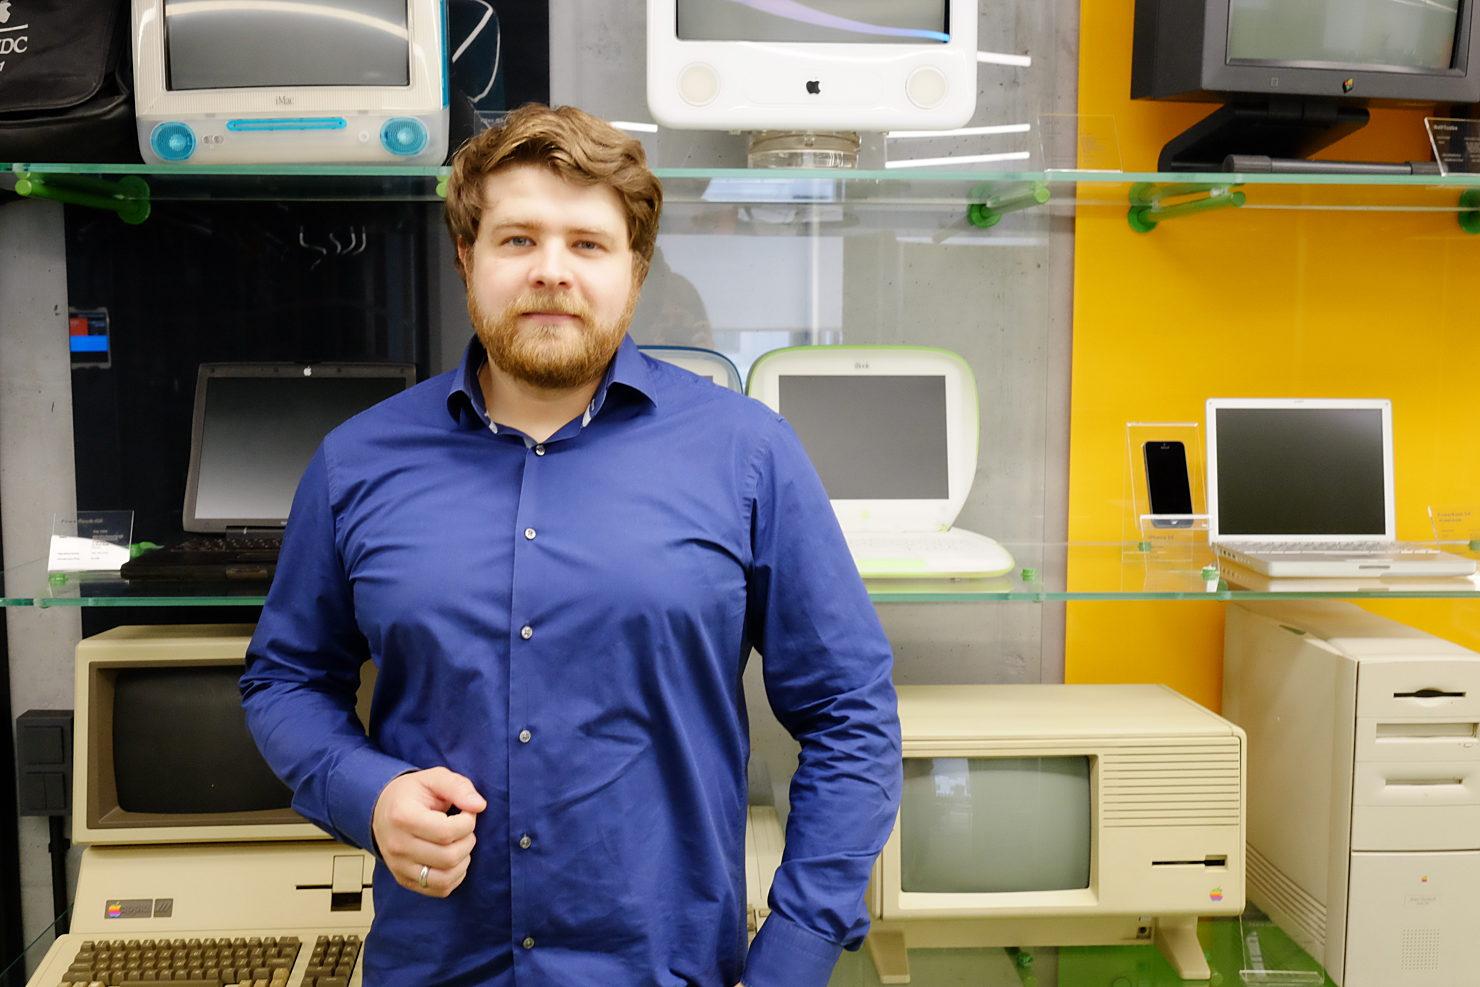 інтерв'ю:Олександр Косован: «Ми у MacPaw вкладаємо багато уваги і любові в те, що робимо». Експозиція музею